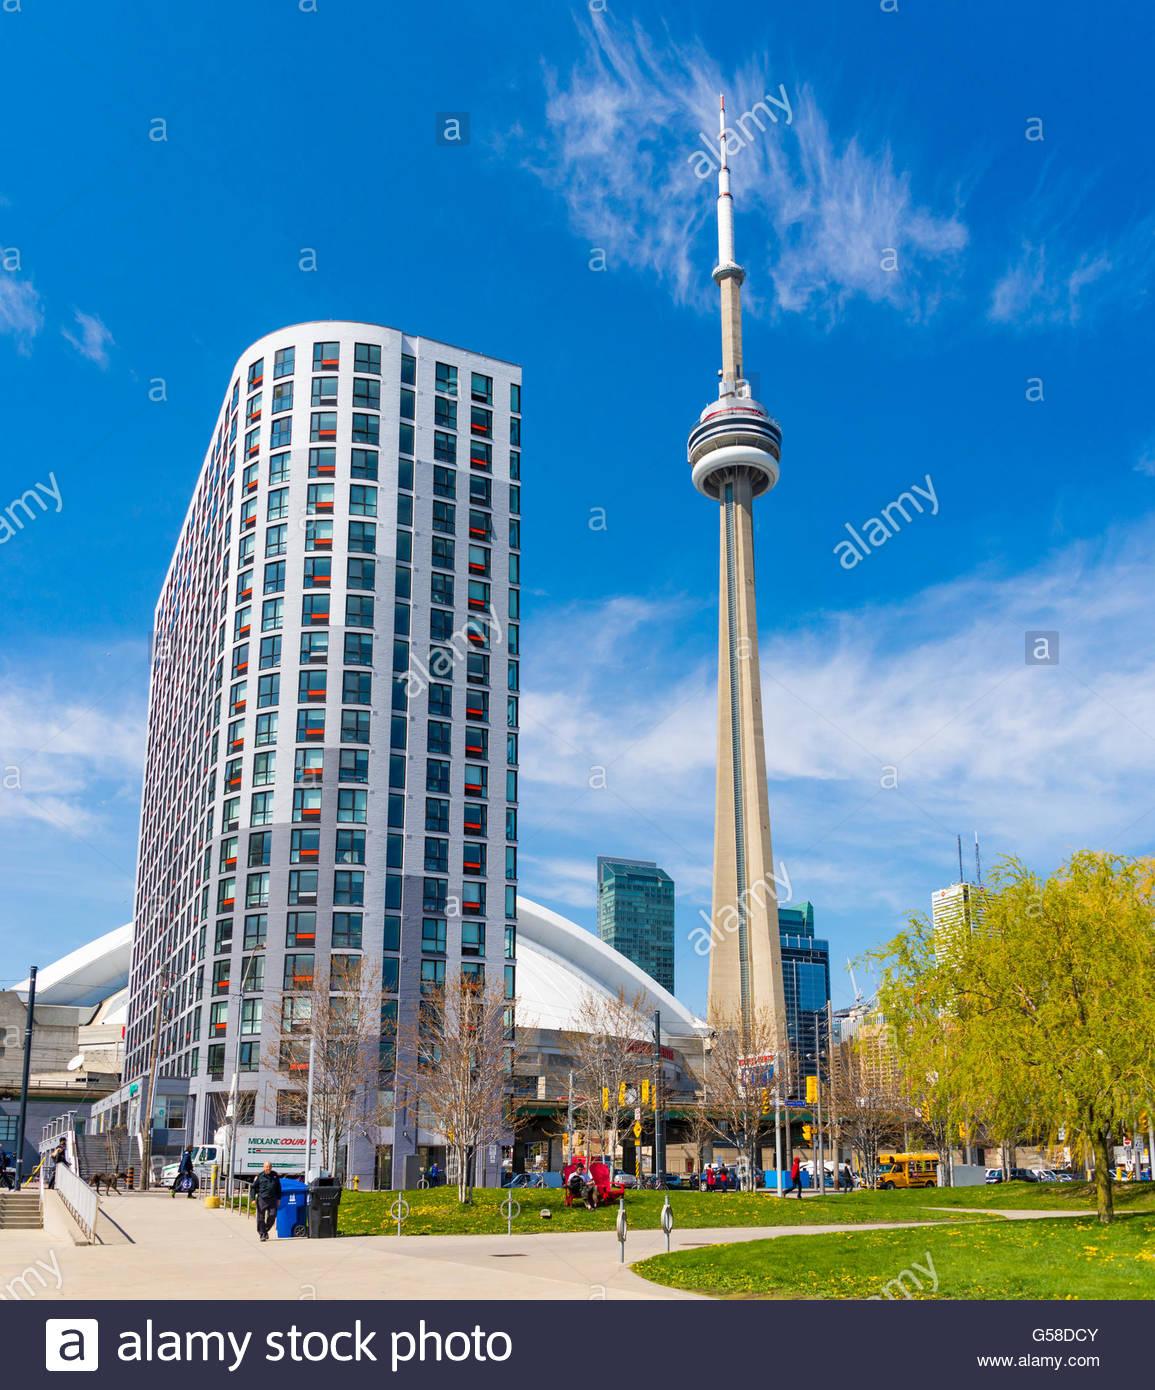 Le centre-ville de Toronto, le parc majestueux grand tour du CN. La Tour est le symbole de l'histoire canadienne Photo Stock